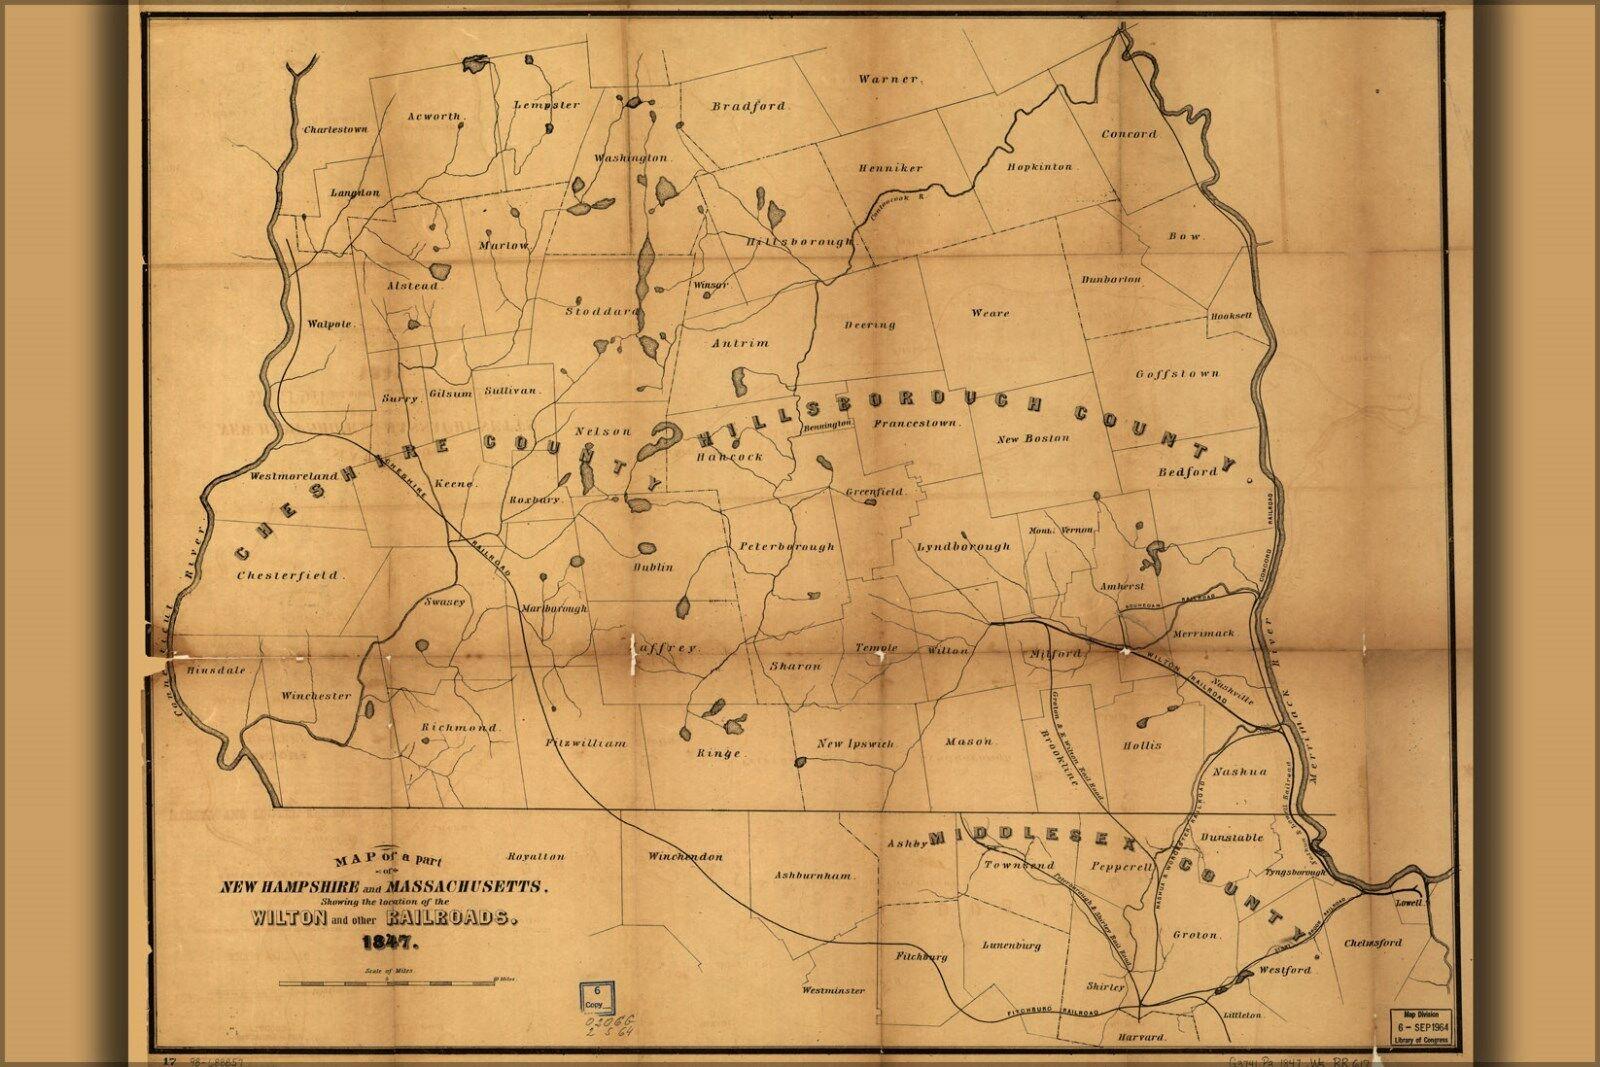 Plakat, Viele Größen; Karte von Neu Hampshire Massachusetts Eisenbahnen